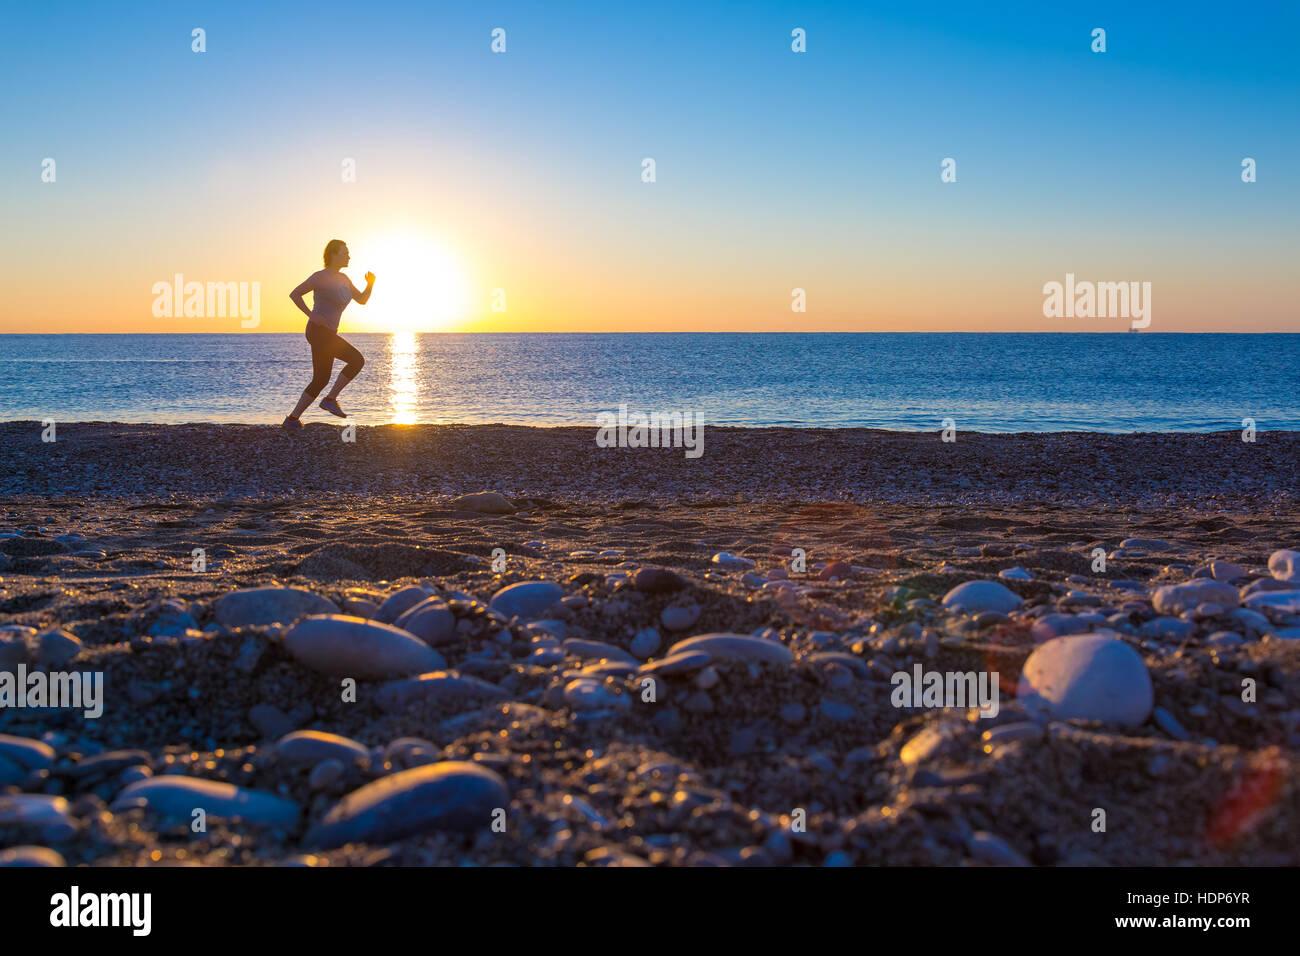 Silhouette de la sportive sur la plage de l'océan au lever du soleil Photo Stock